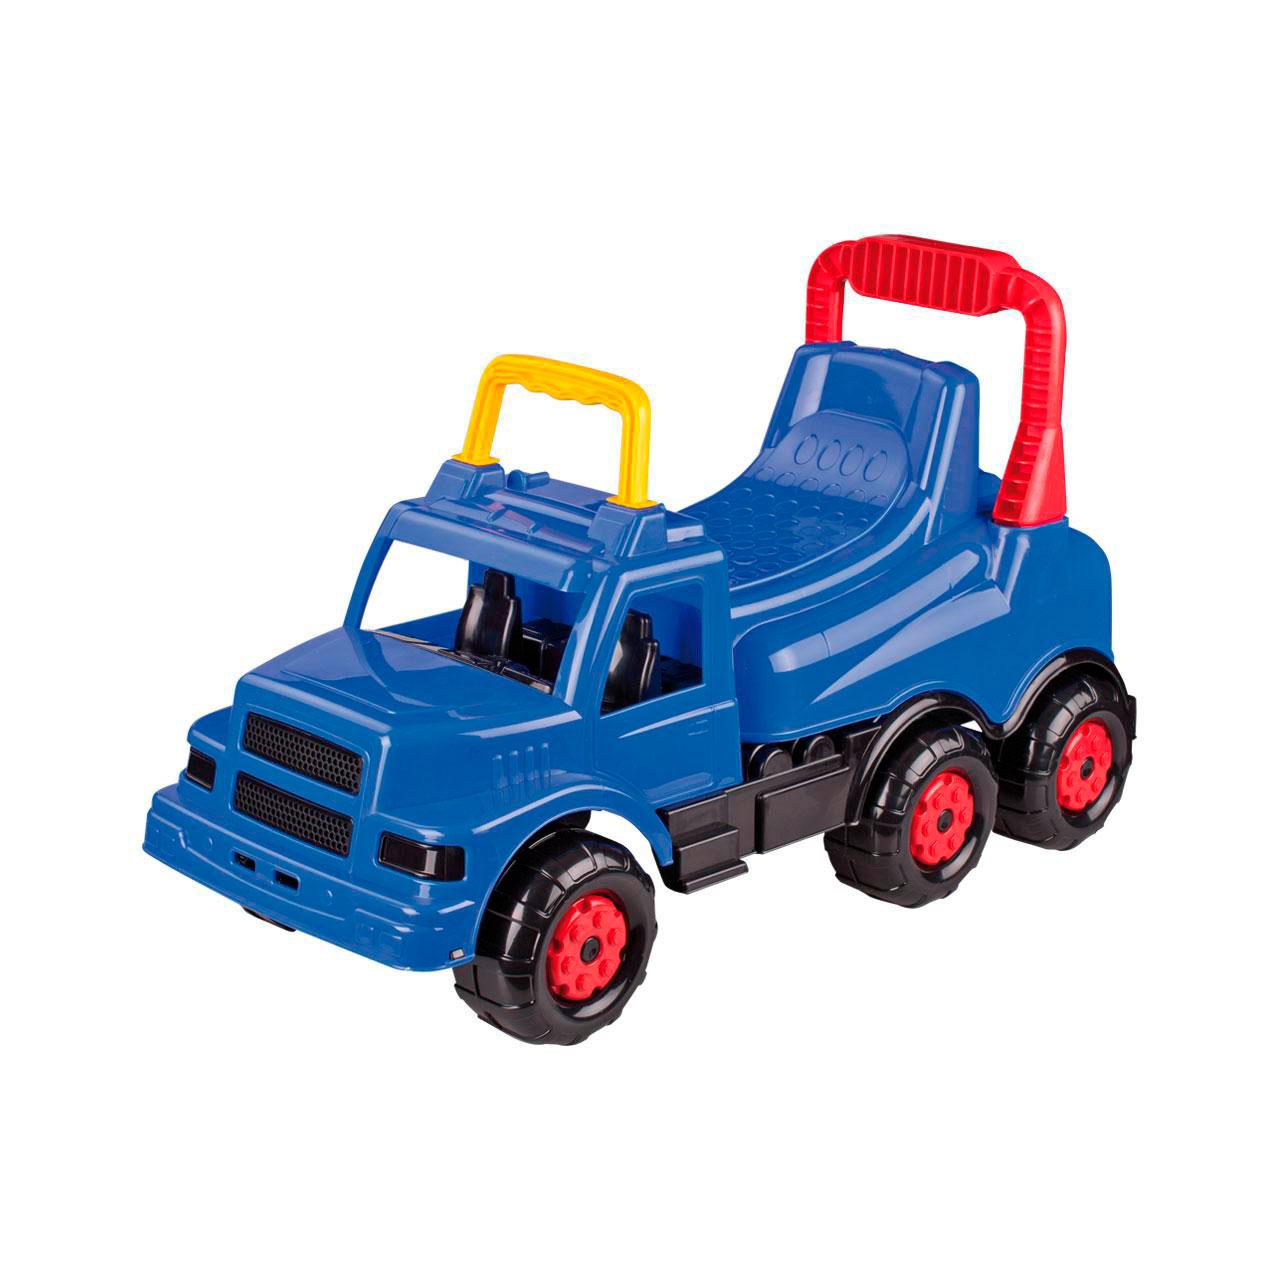 Каталка Альтернатива Машинка Веселые гонки Синяя для мальчиков